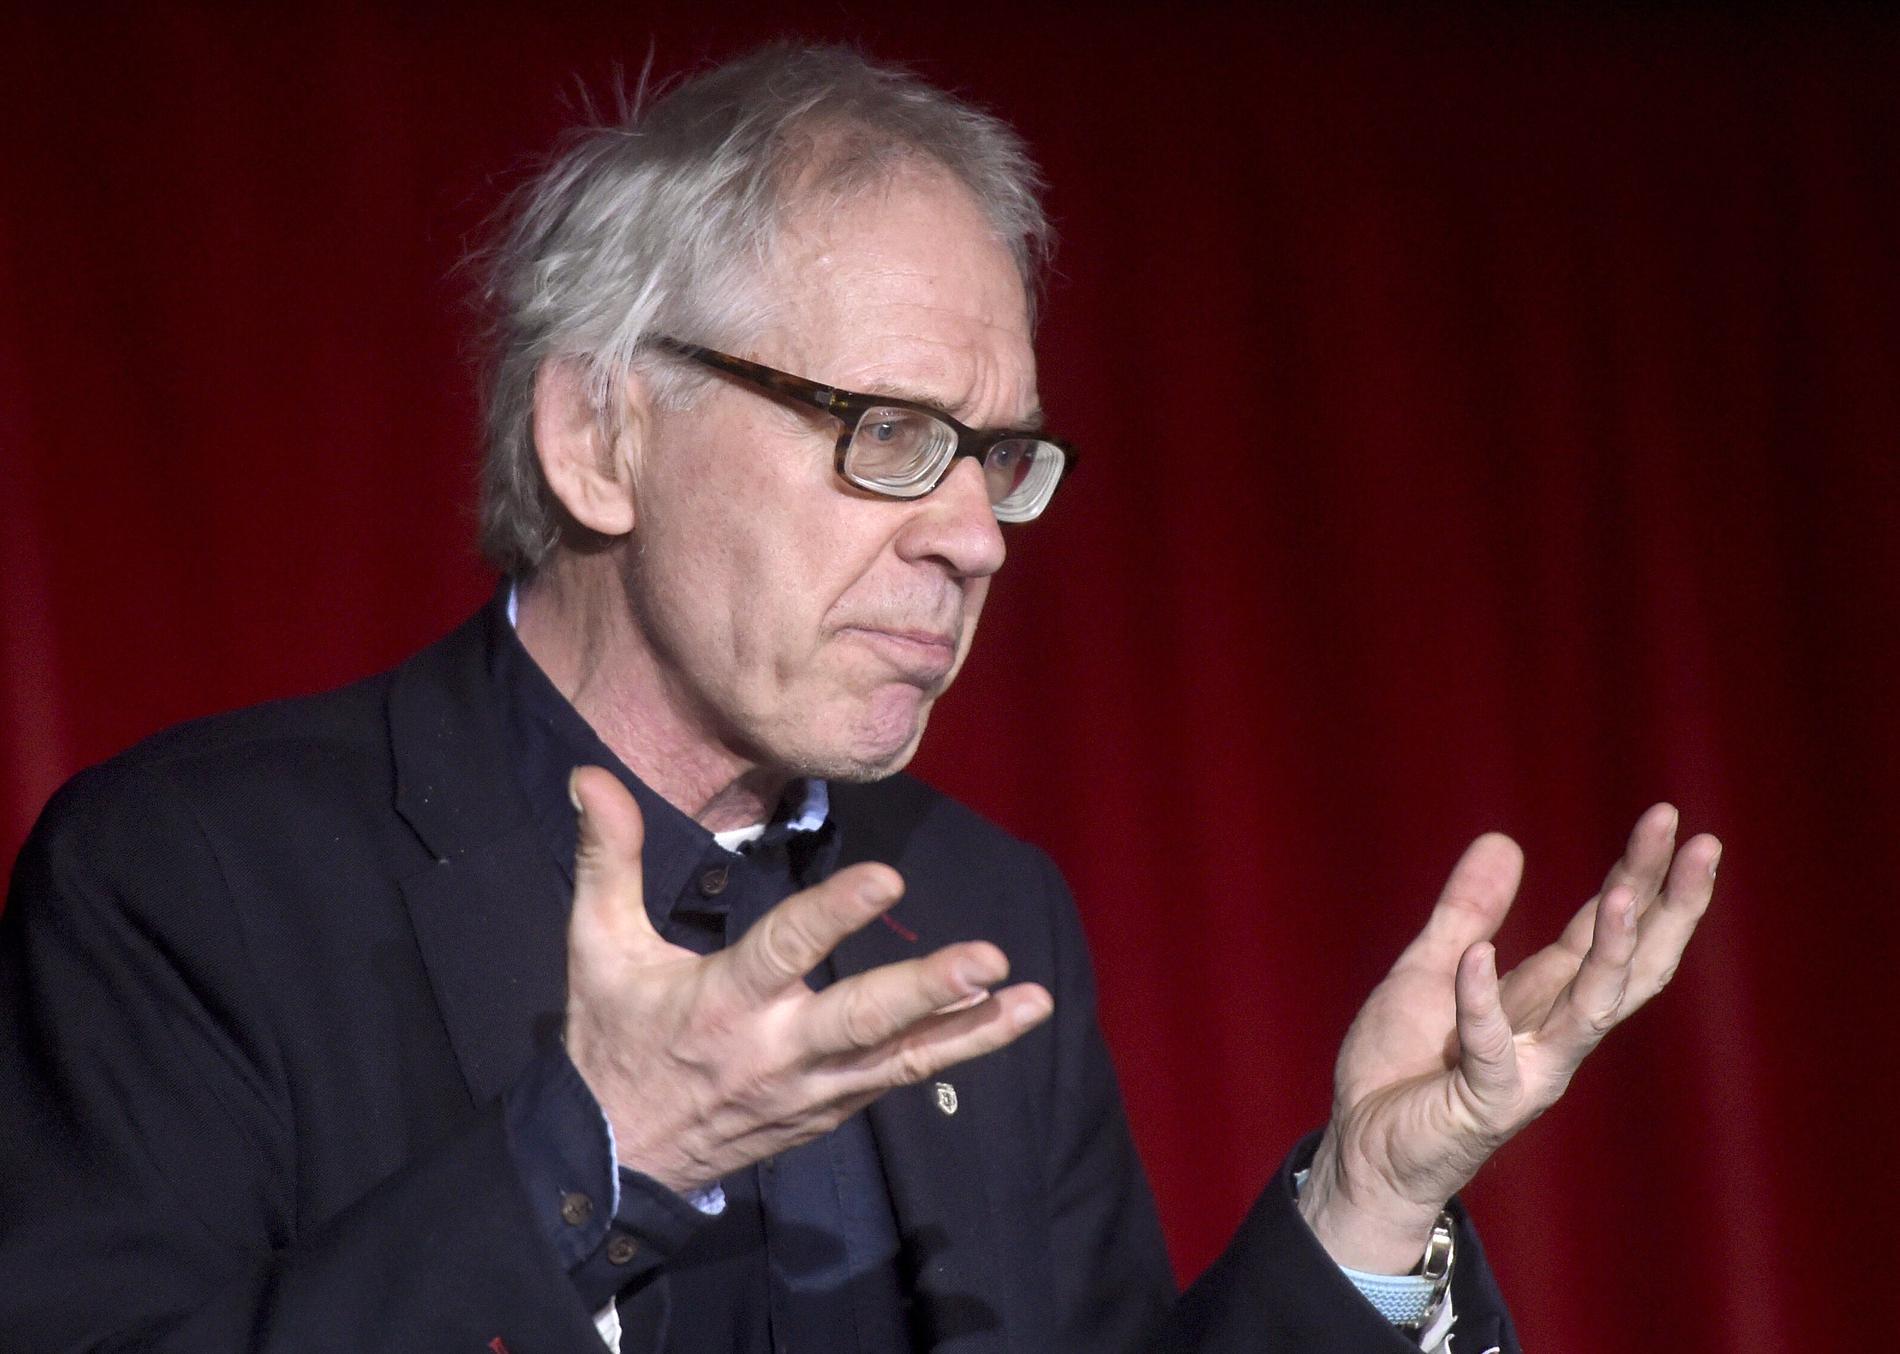 Konstnären Lars Vilks är död, han blev 75 år.